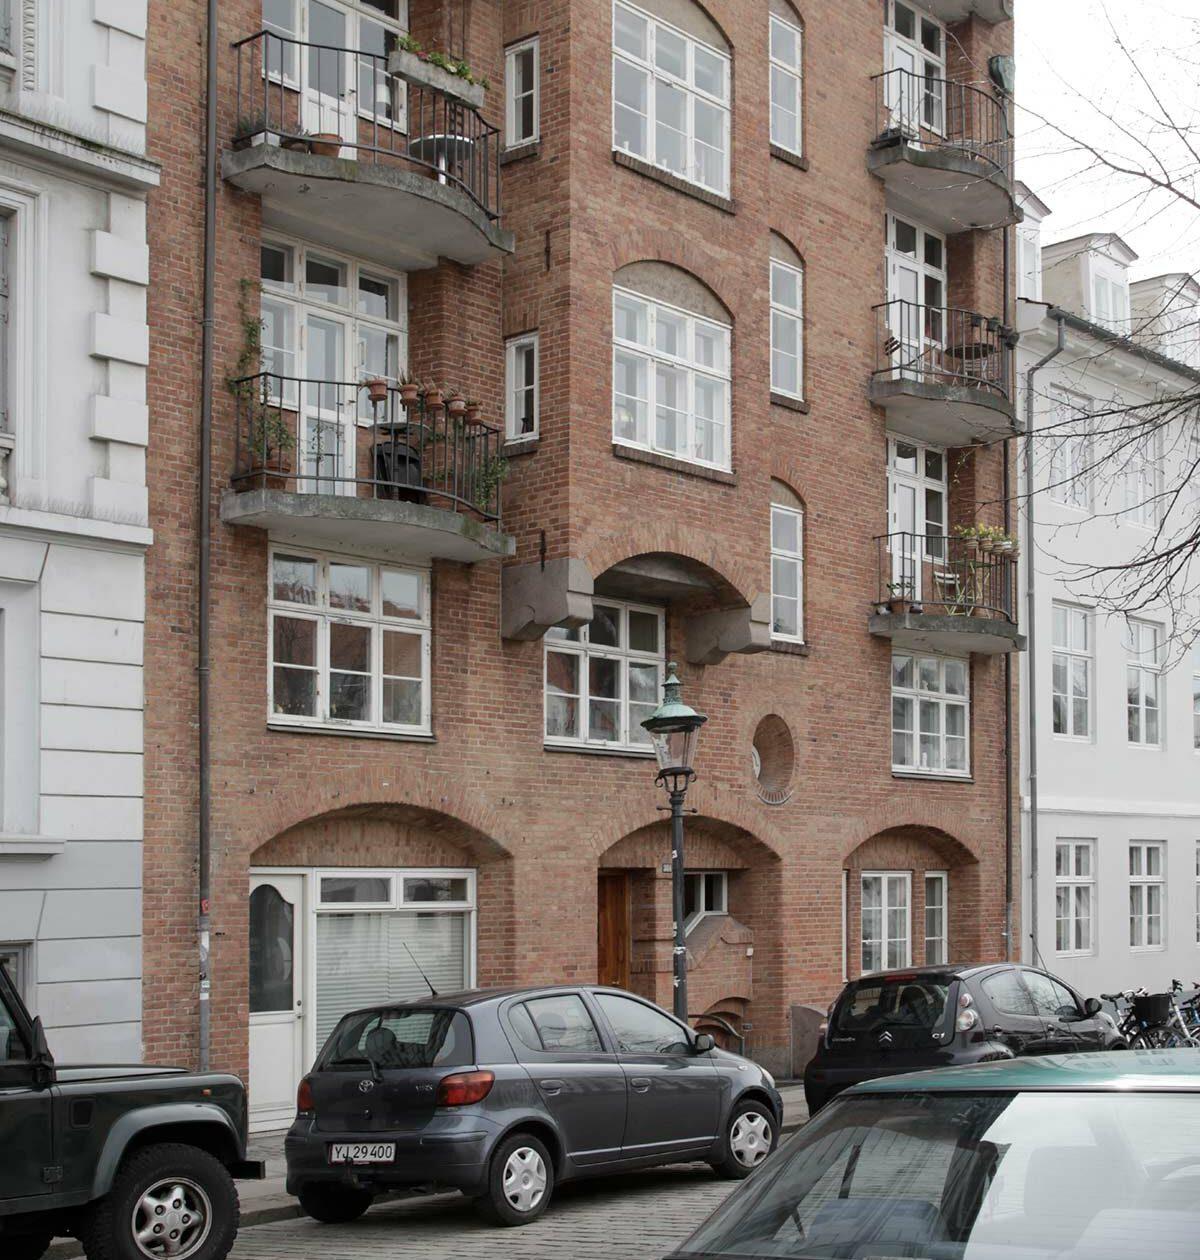 Overgaden oven Vandet 30. Foto 2014: Mads Neuhard, Københavns Stadsarkiv